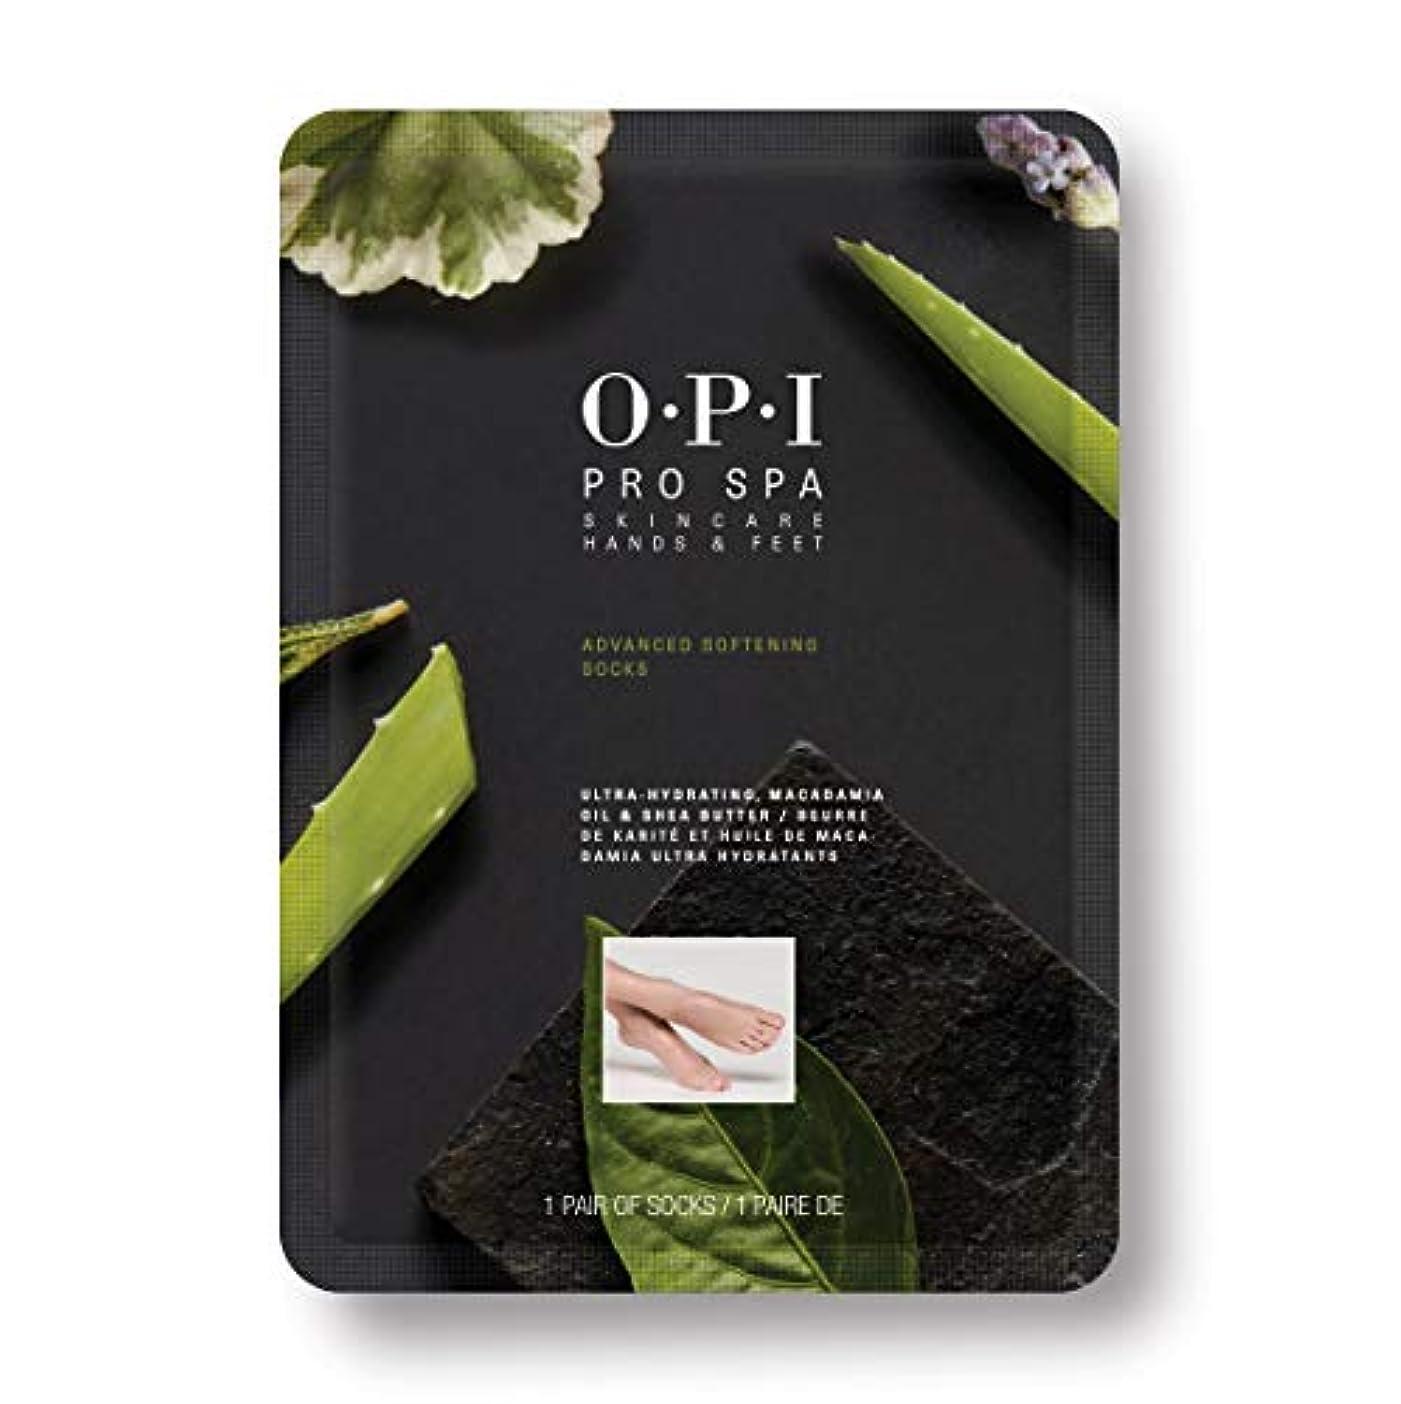 枠エロチック内訳OPI(オーピーアイ) プロスパ アドバンス ソフニング ソックス 美容液 30ml/1パック2枚入